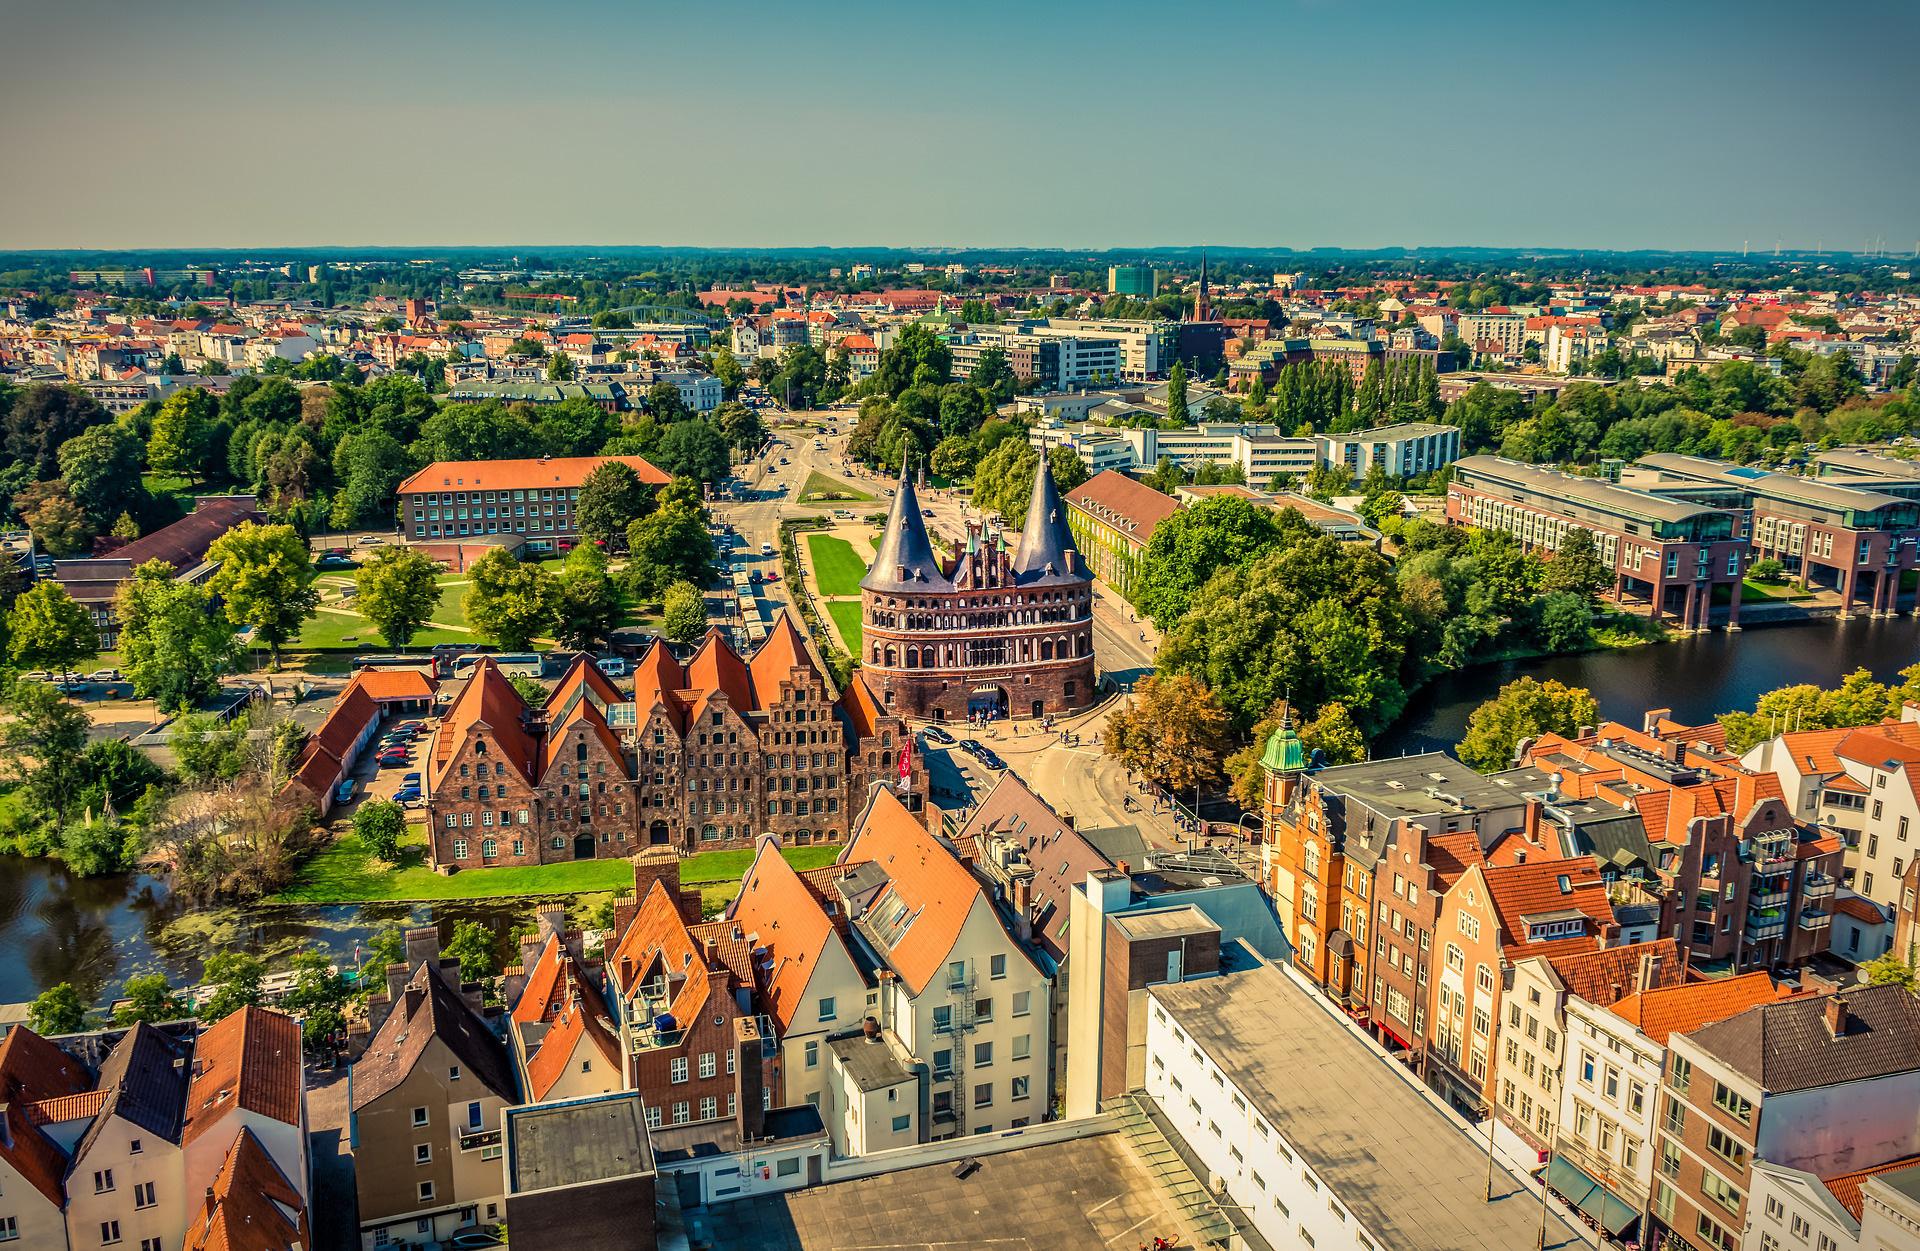 Tyskland vil lukke for danske turister fra Region Hovedstaden, hvor smittetallene er alt for høje. Men smittetallene stiger også i resten af Danmark som dermed kan risikere, at danske turister indtil videre vil være uønskede i udlandet. Her er det nordtyske Lübeck, foto: Happydays.